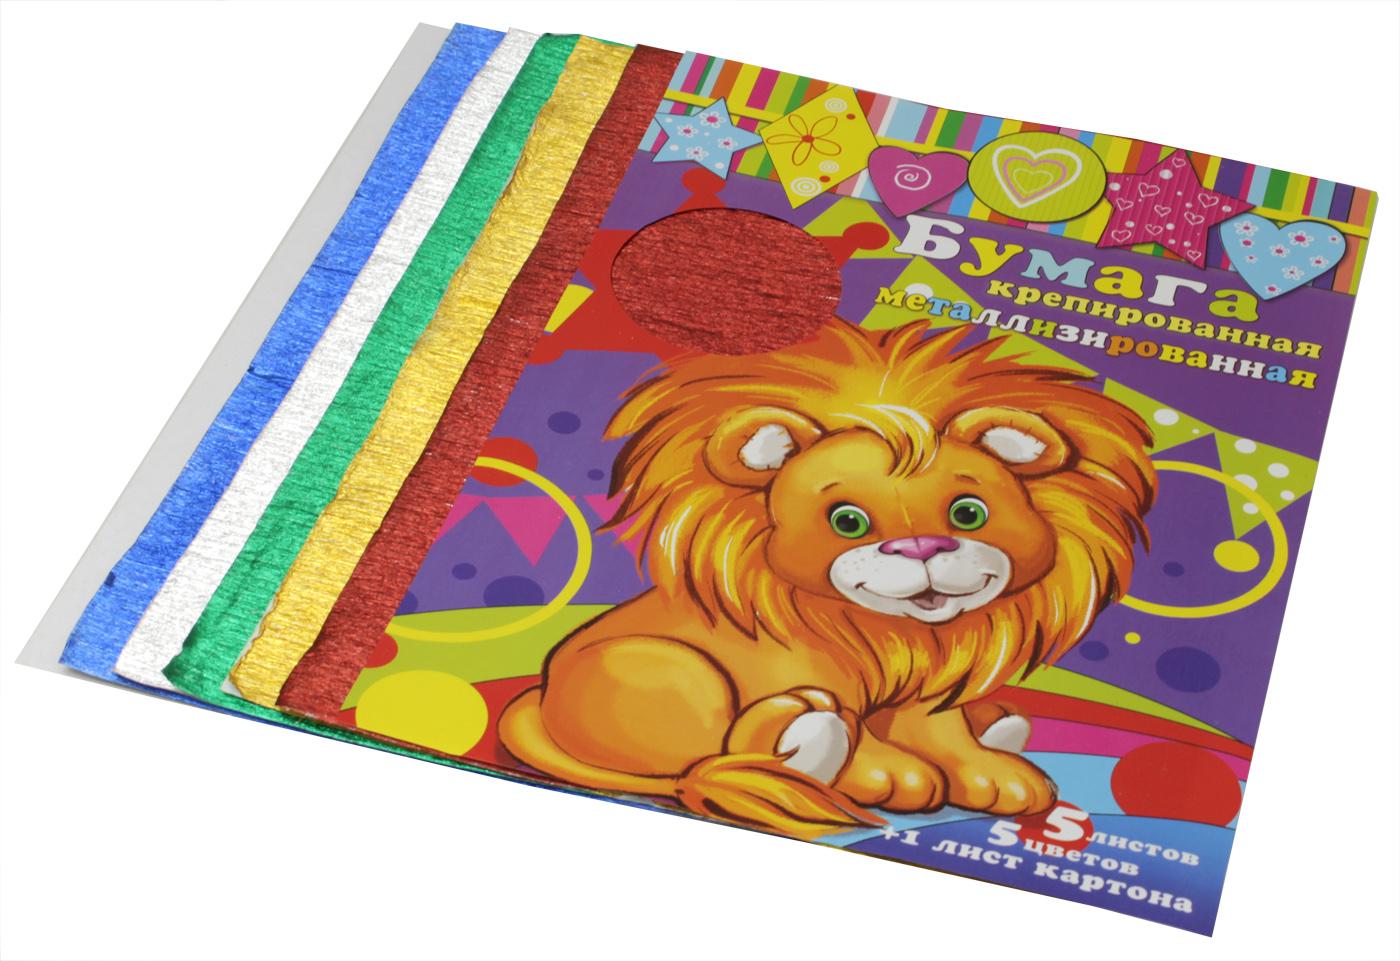 Феникс+ Бумага цветная крепированная метализированная 5 листов + 1 лист картона31379Цвета в набор: серебристый, золотой, красный, зеленый, синий. Размер: 210х297 мм В наборе 5 листов бумаги (5 цветов) + 1 лист картона